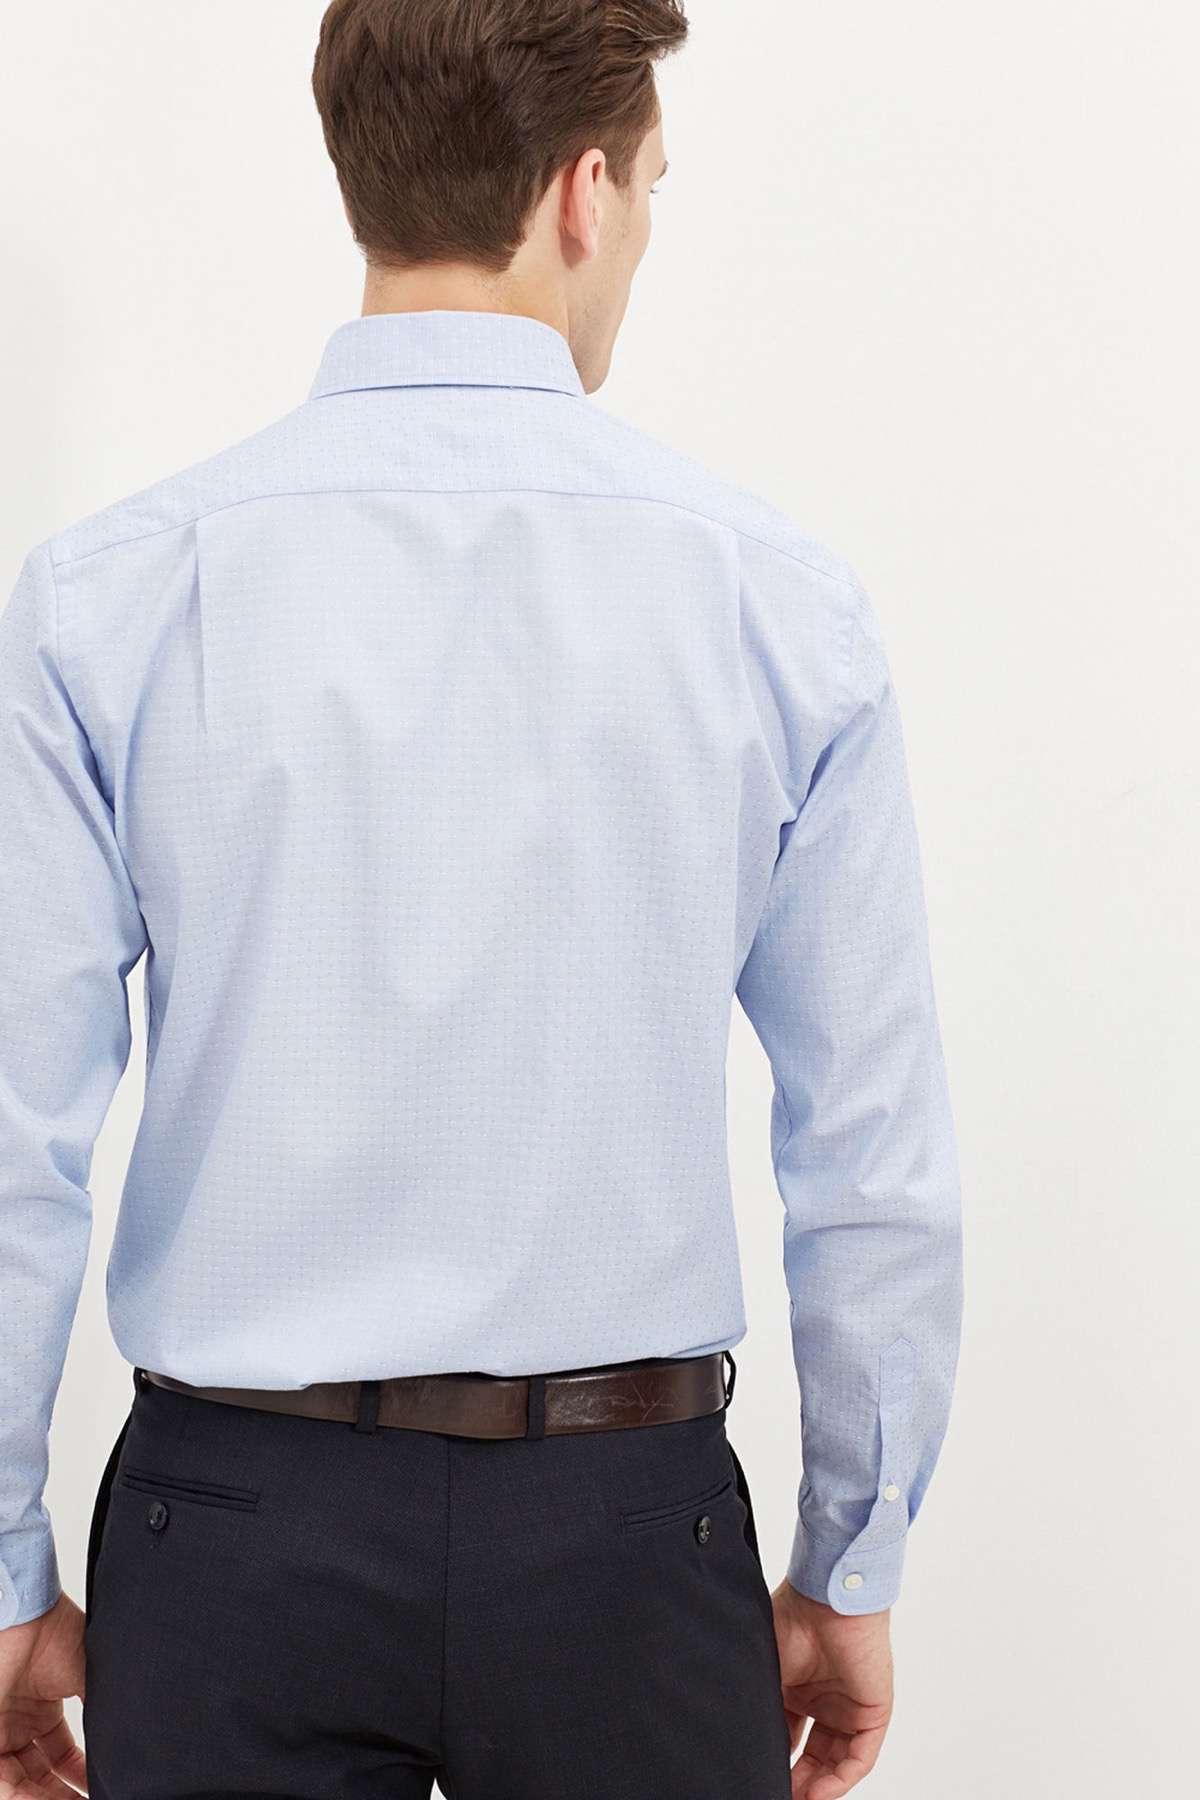 01 camisas de hombre cortefiel